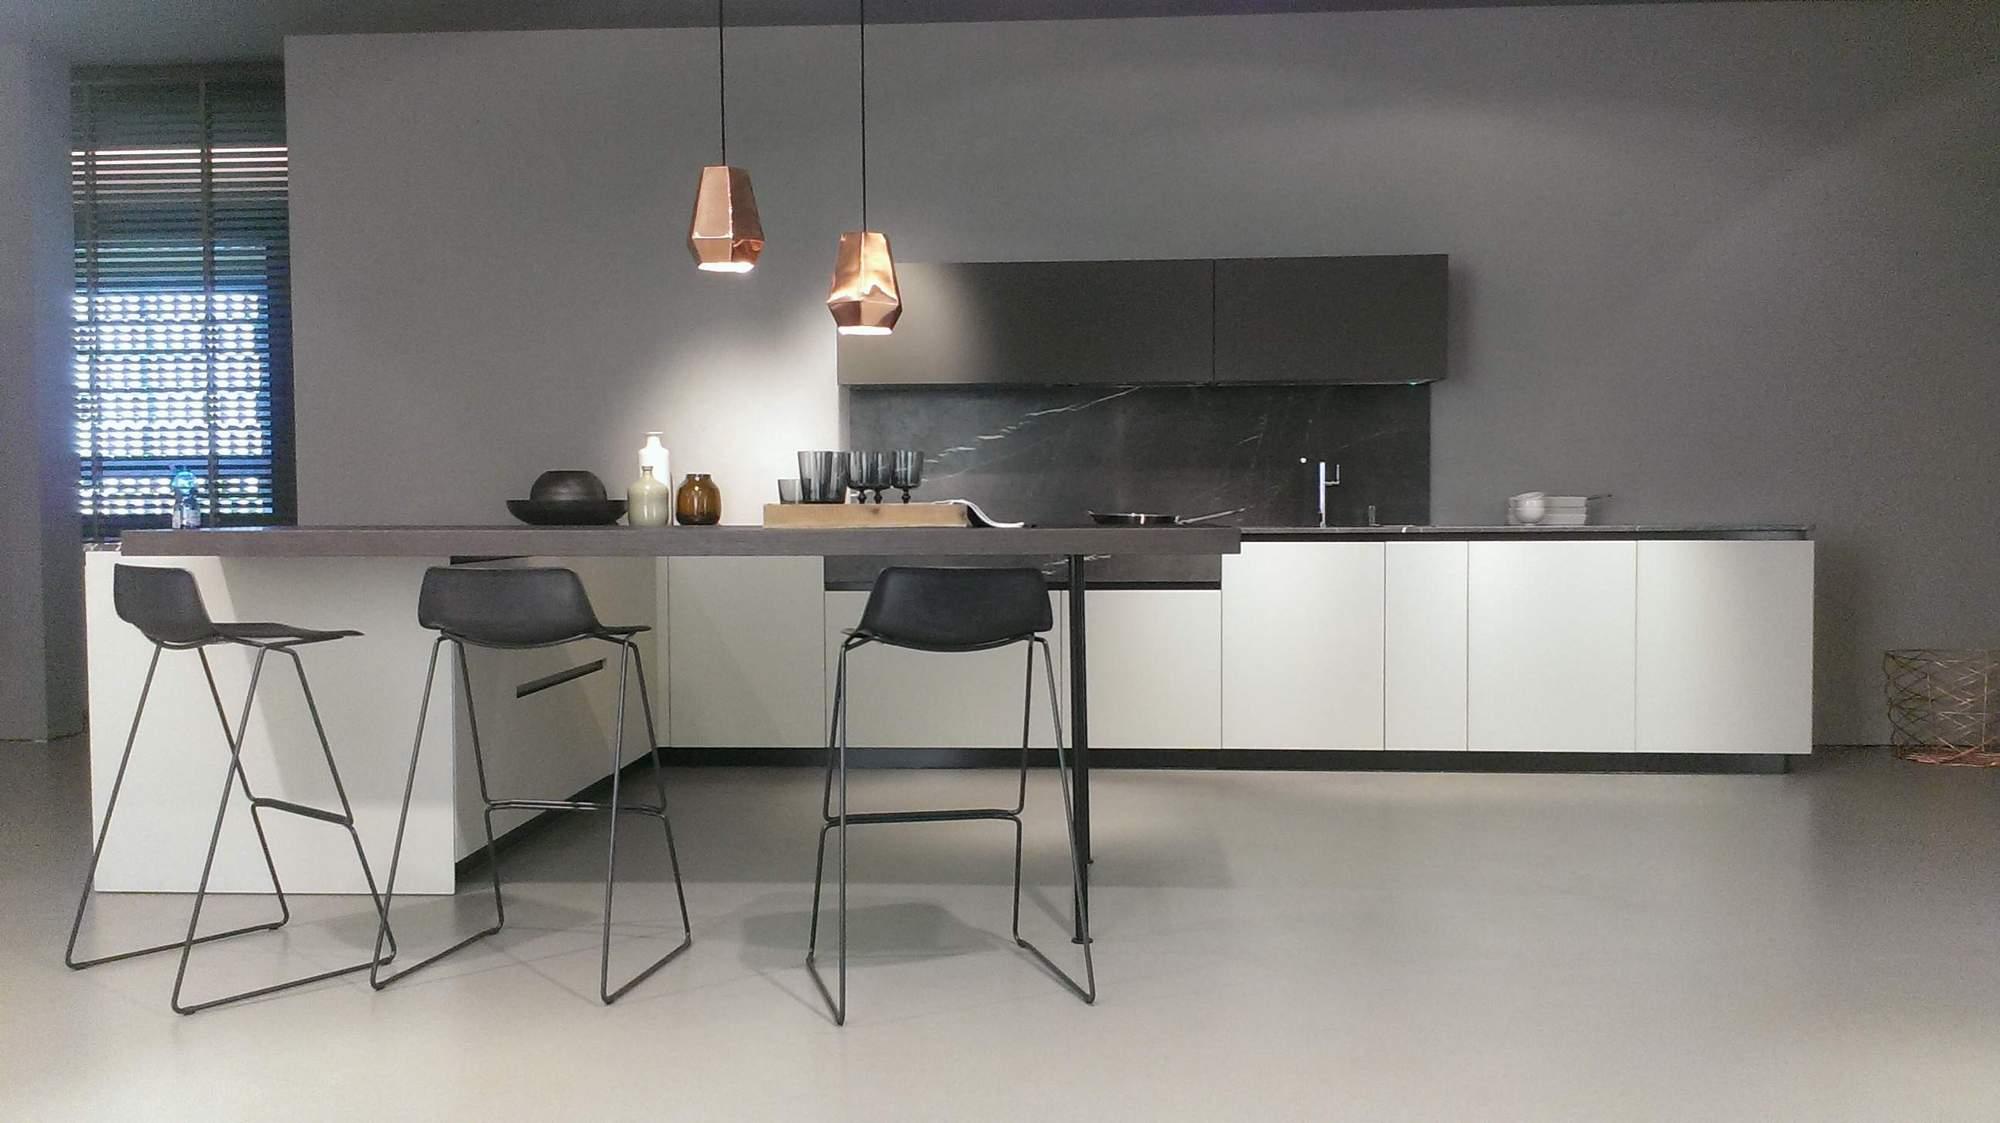 Doimo cucine e il nuovo modello materia teti arredamenti for Ad arredamenti roma